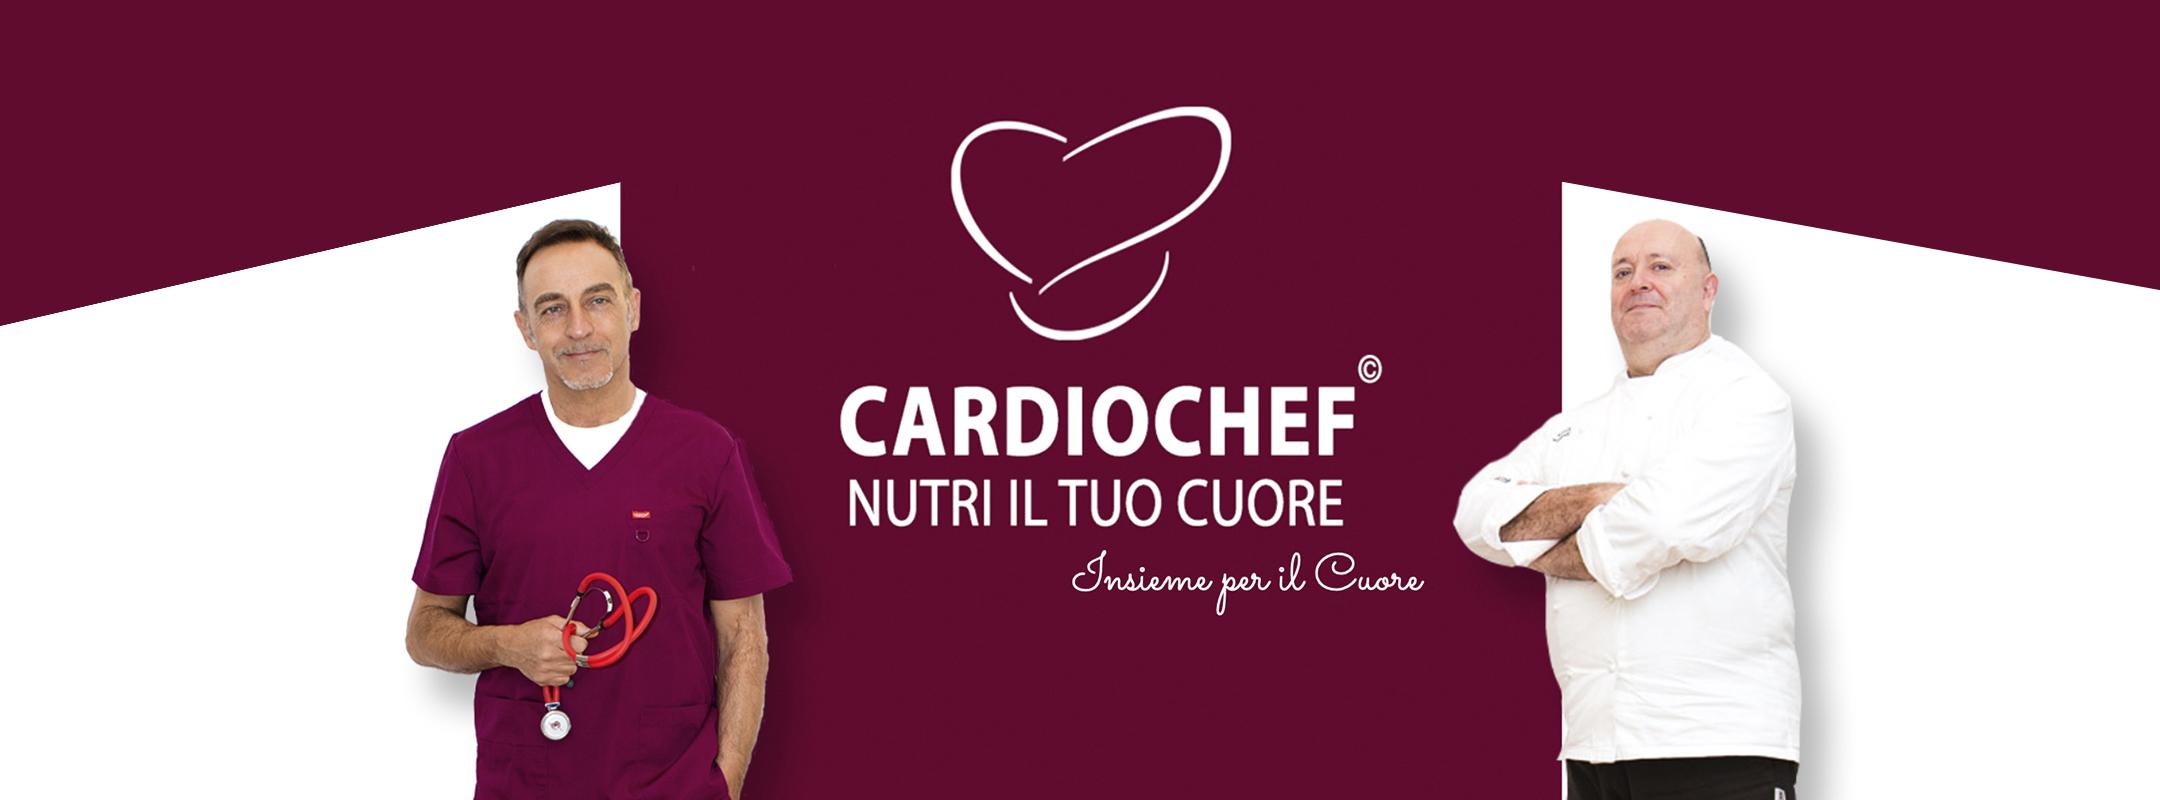 Non solo food: Cardiochef – nutri il tuo cuore